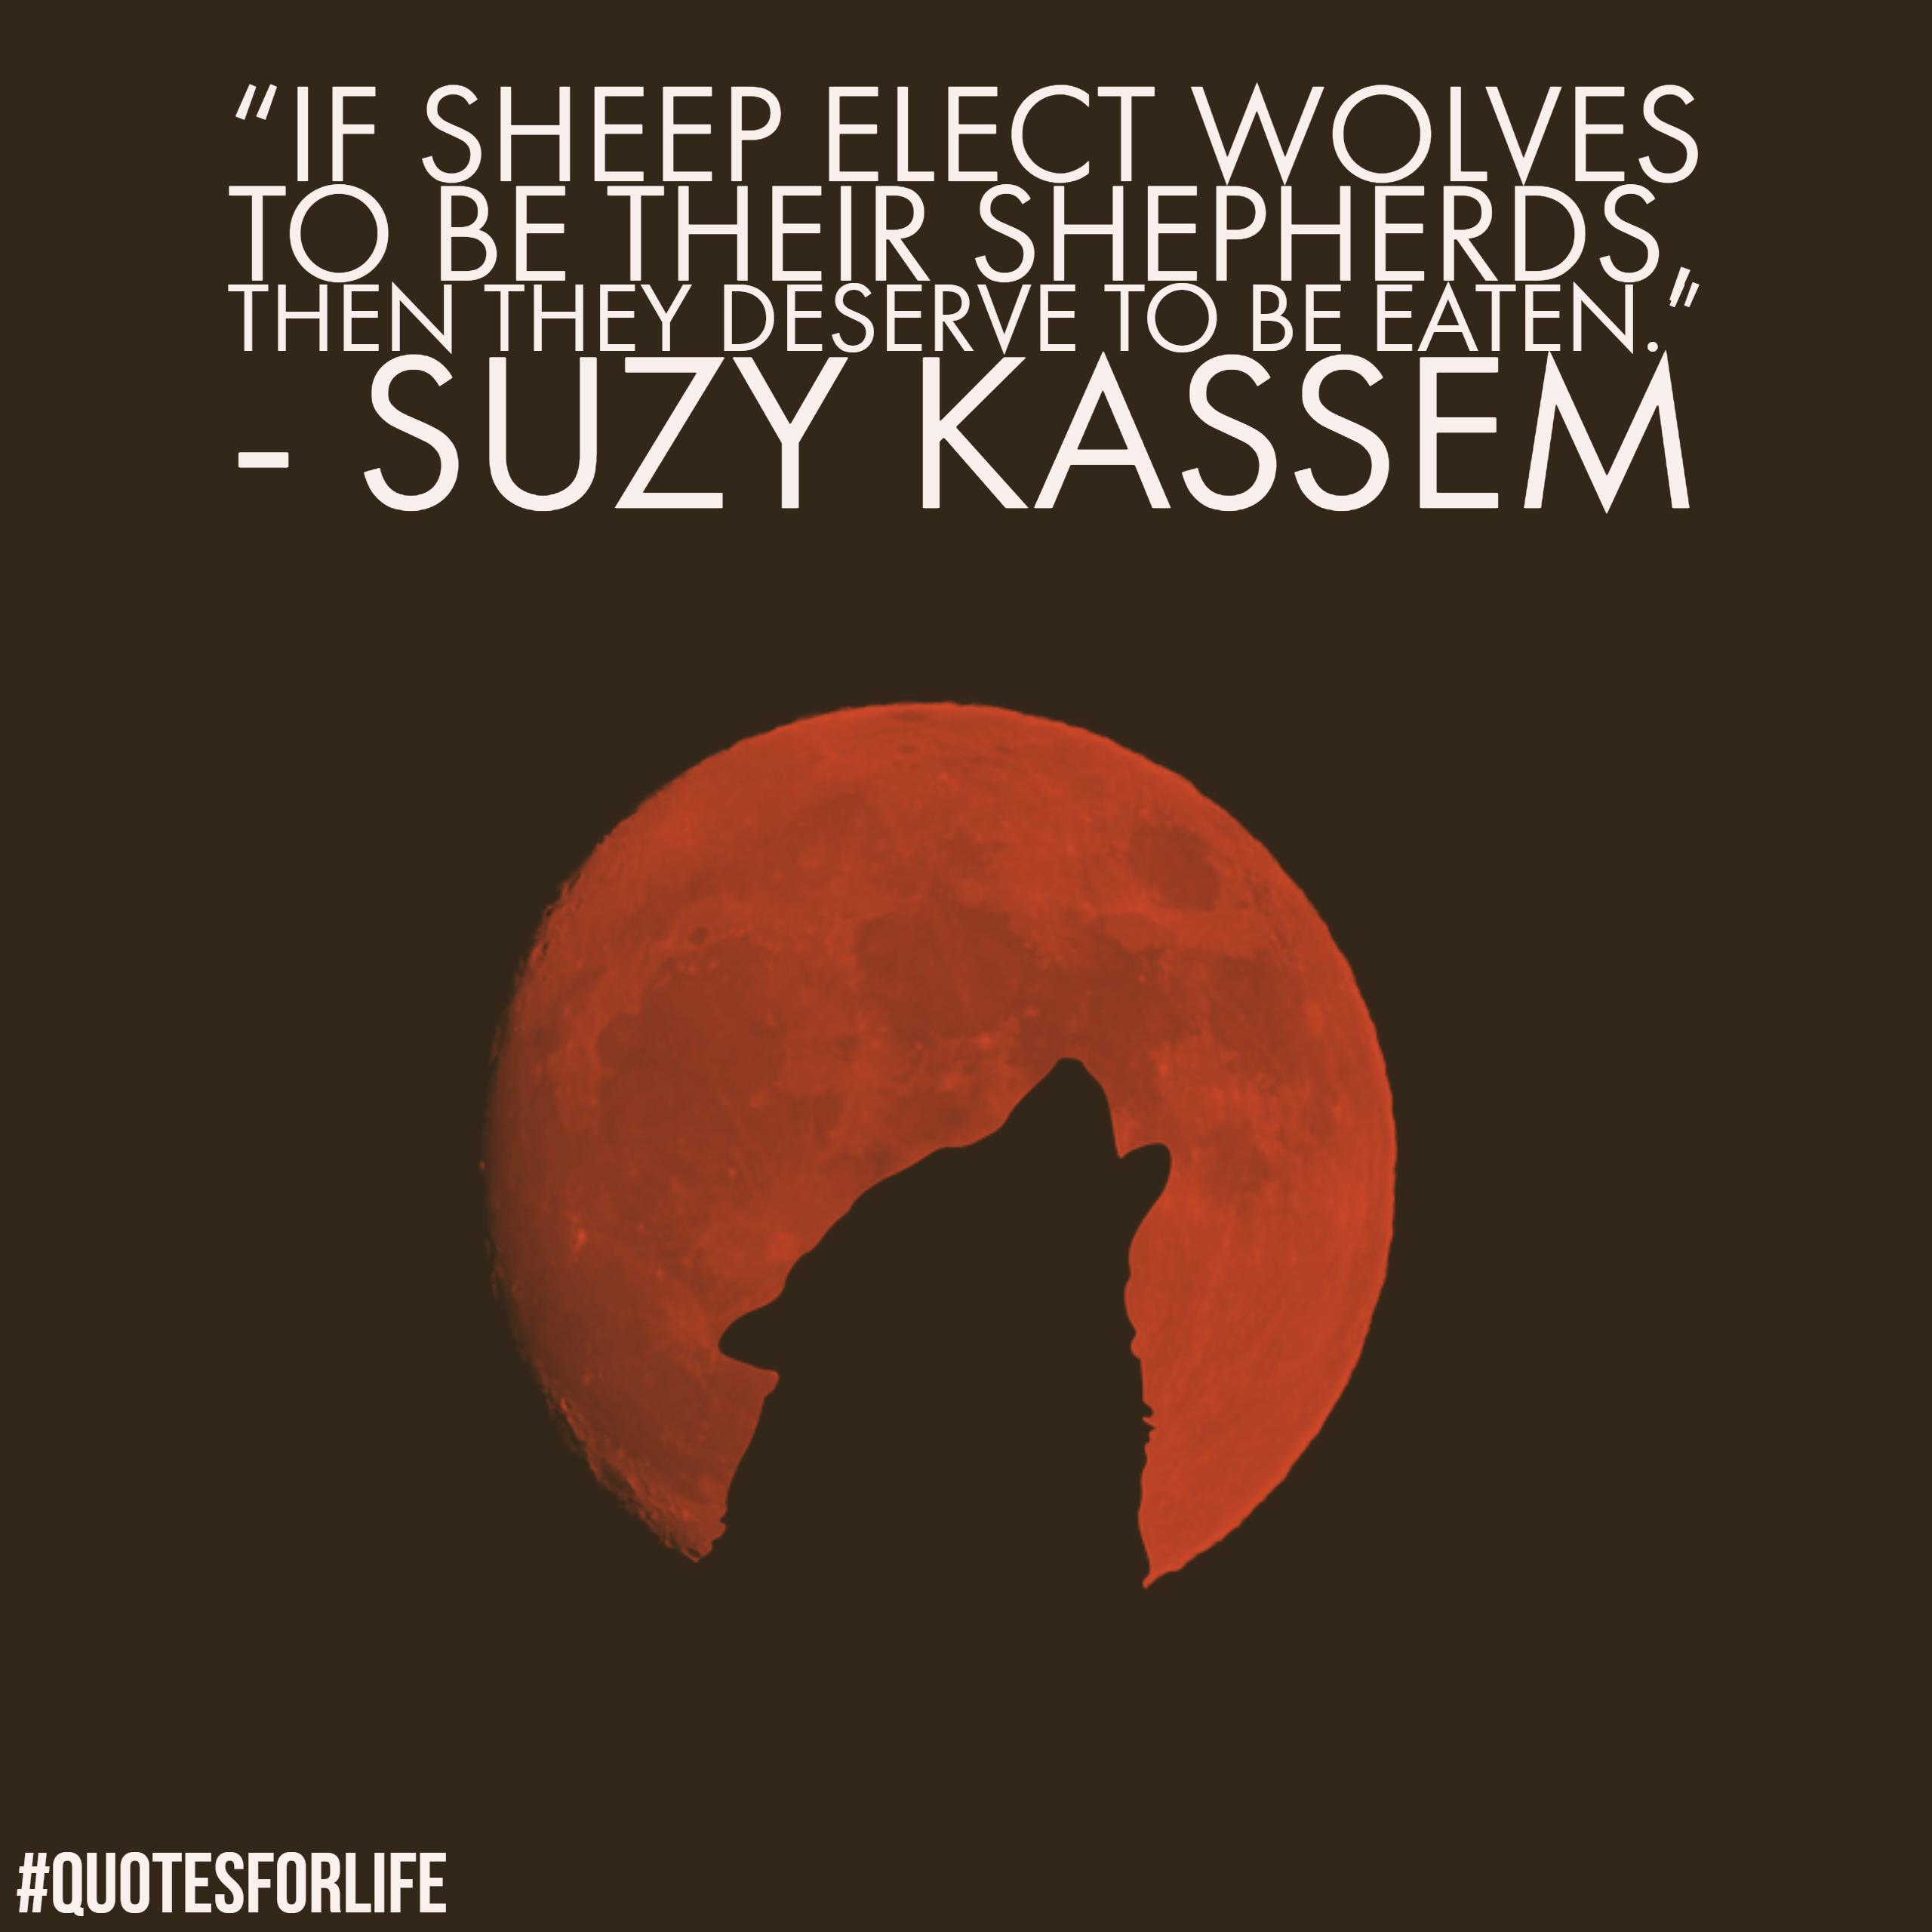 Suzy Kassem